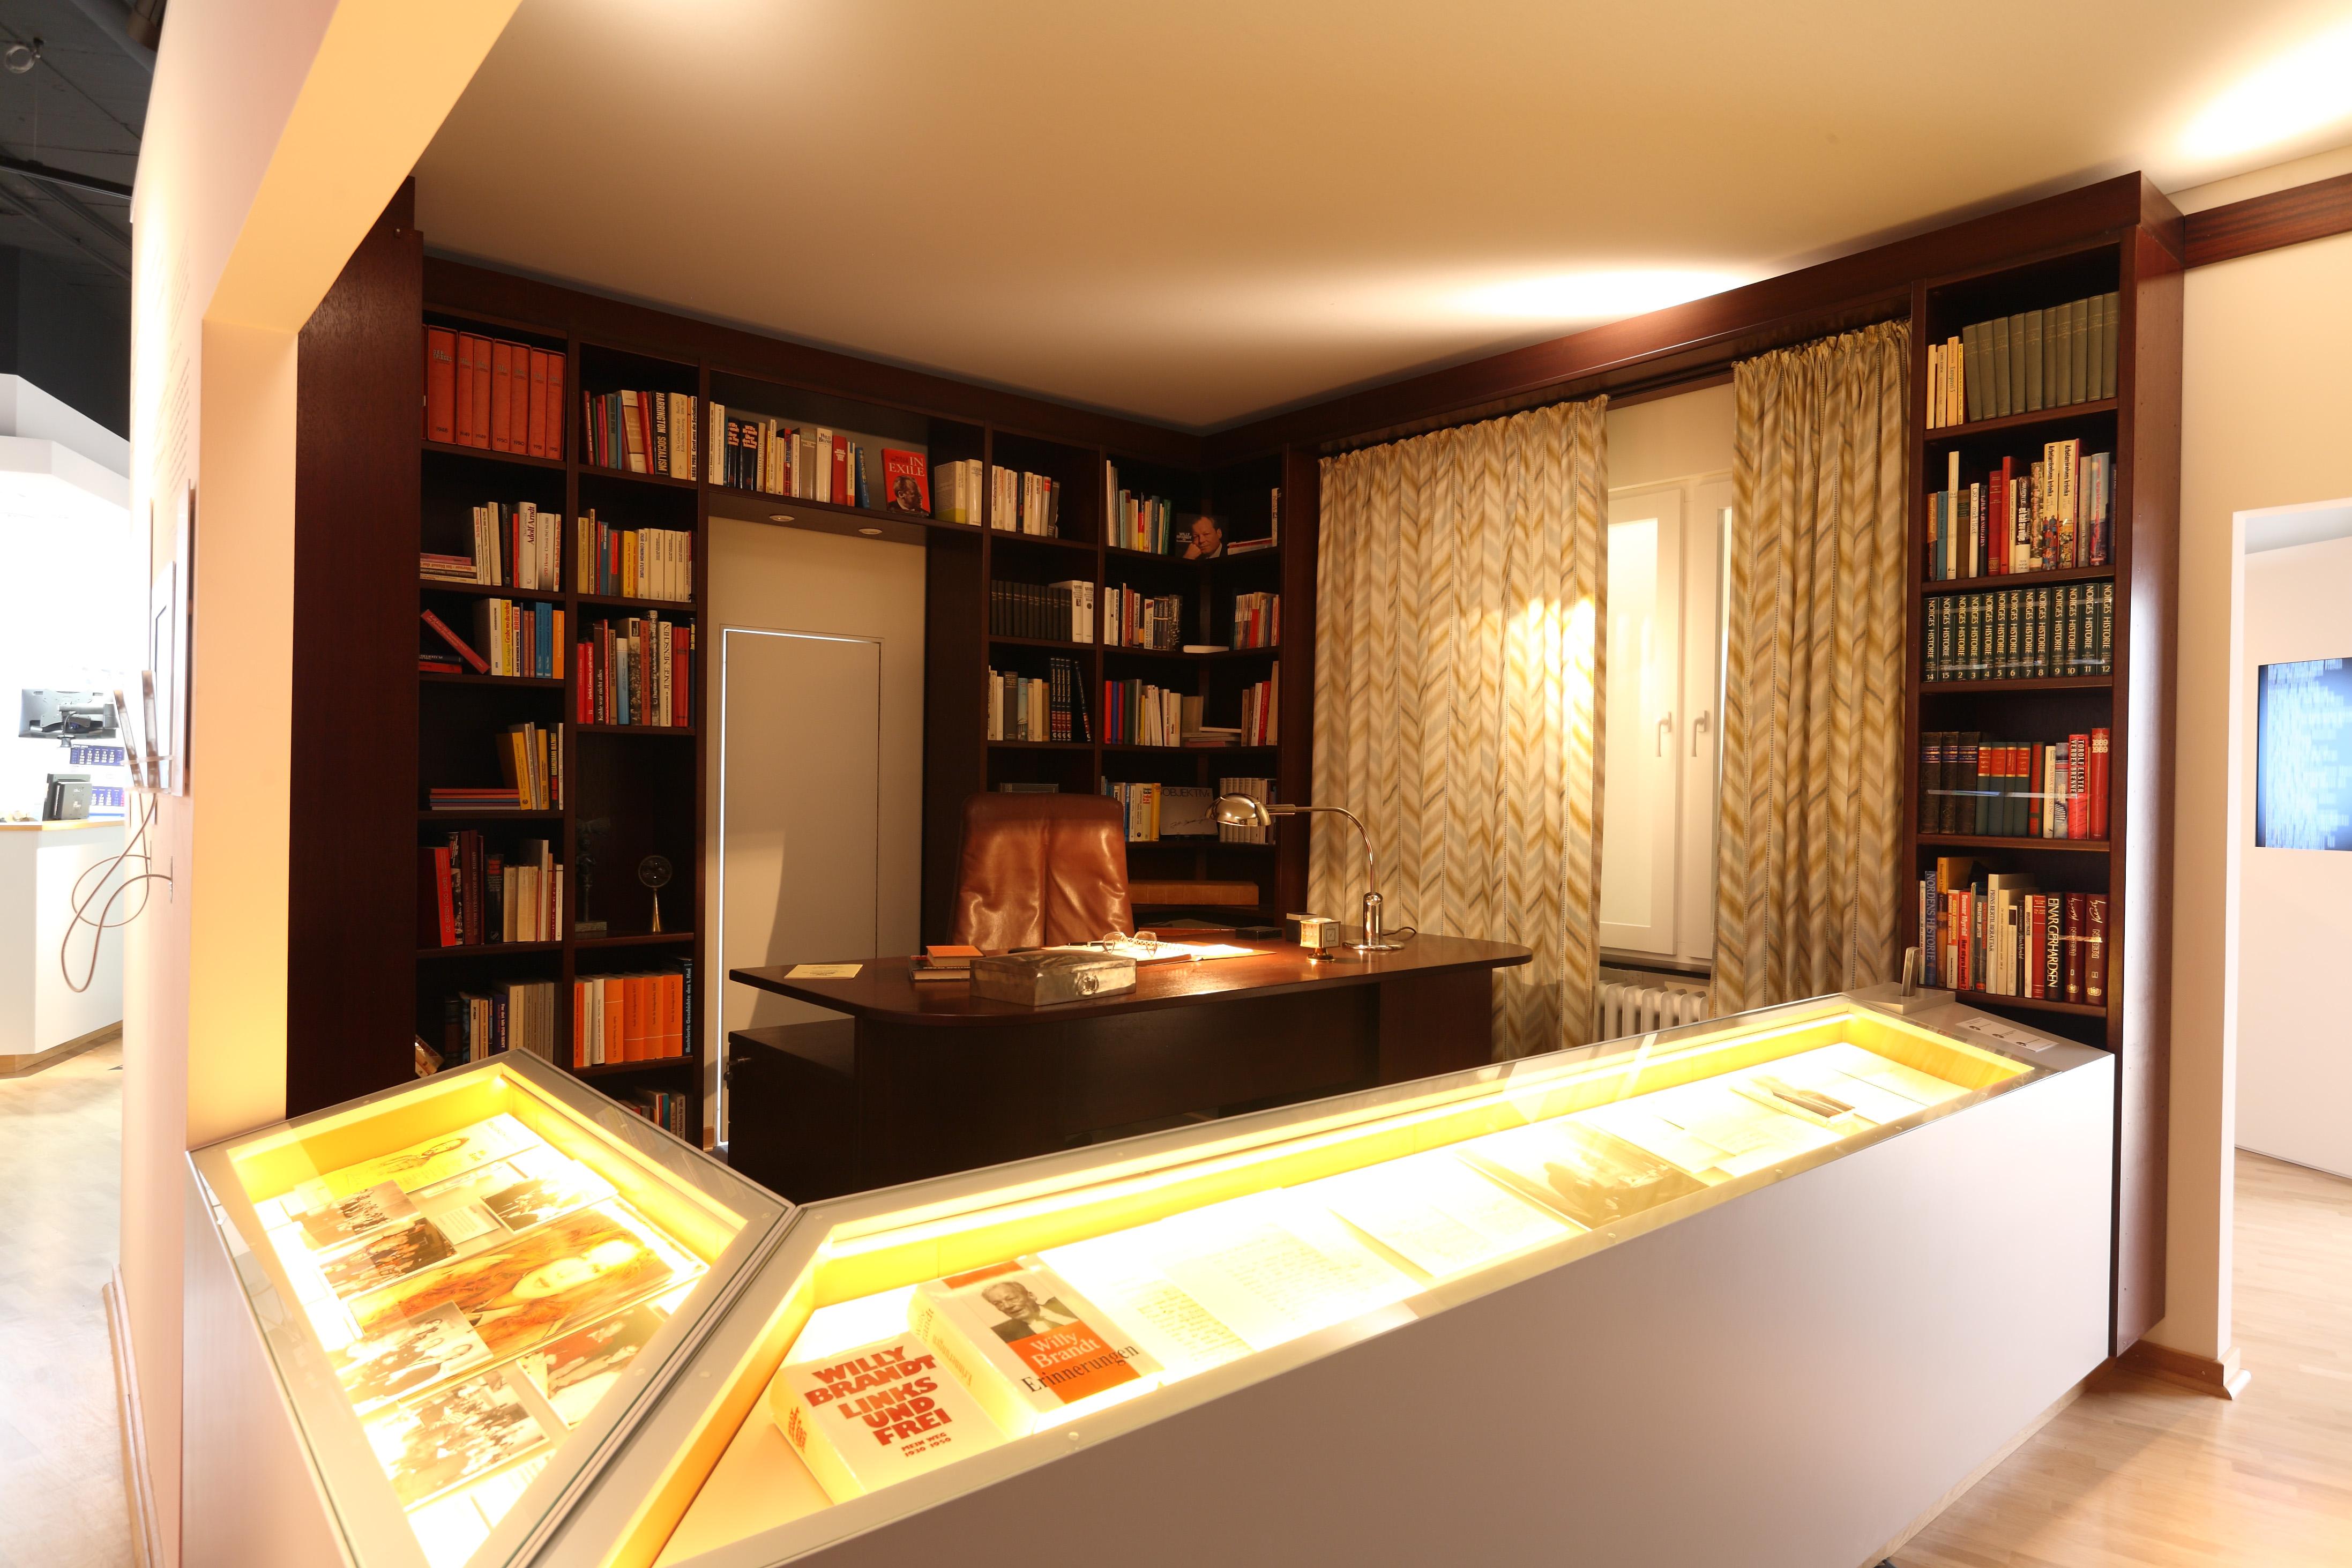 arbeitszimmer gestaltungsm glichkeiten. Black Bedroom Furniture Sets. Home Design Ideas